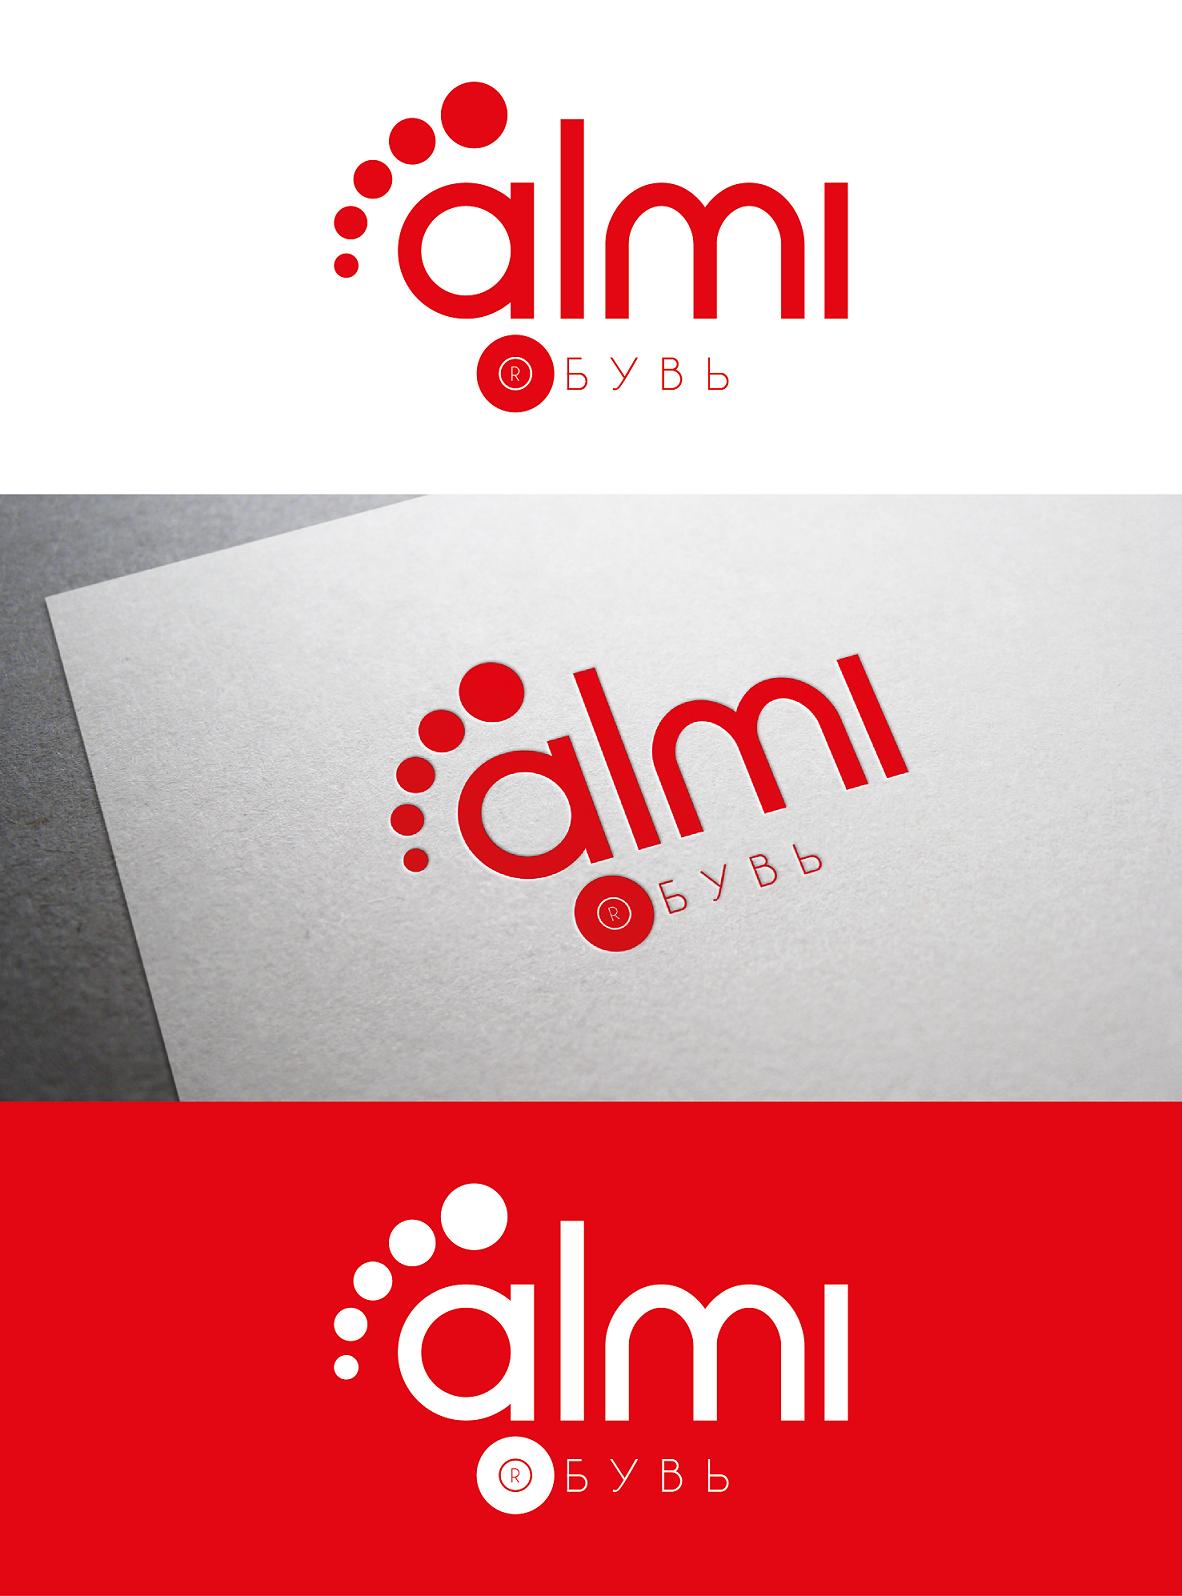 Дизайн логотипа обувной марки Алми фото f_92459f1ac27f299b.png